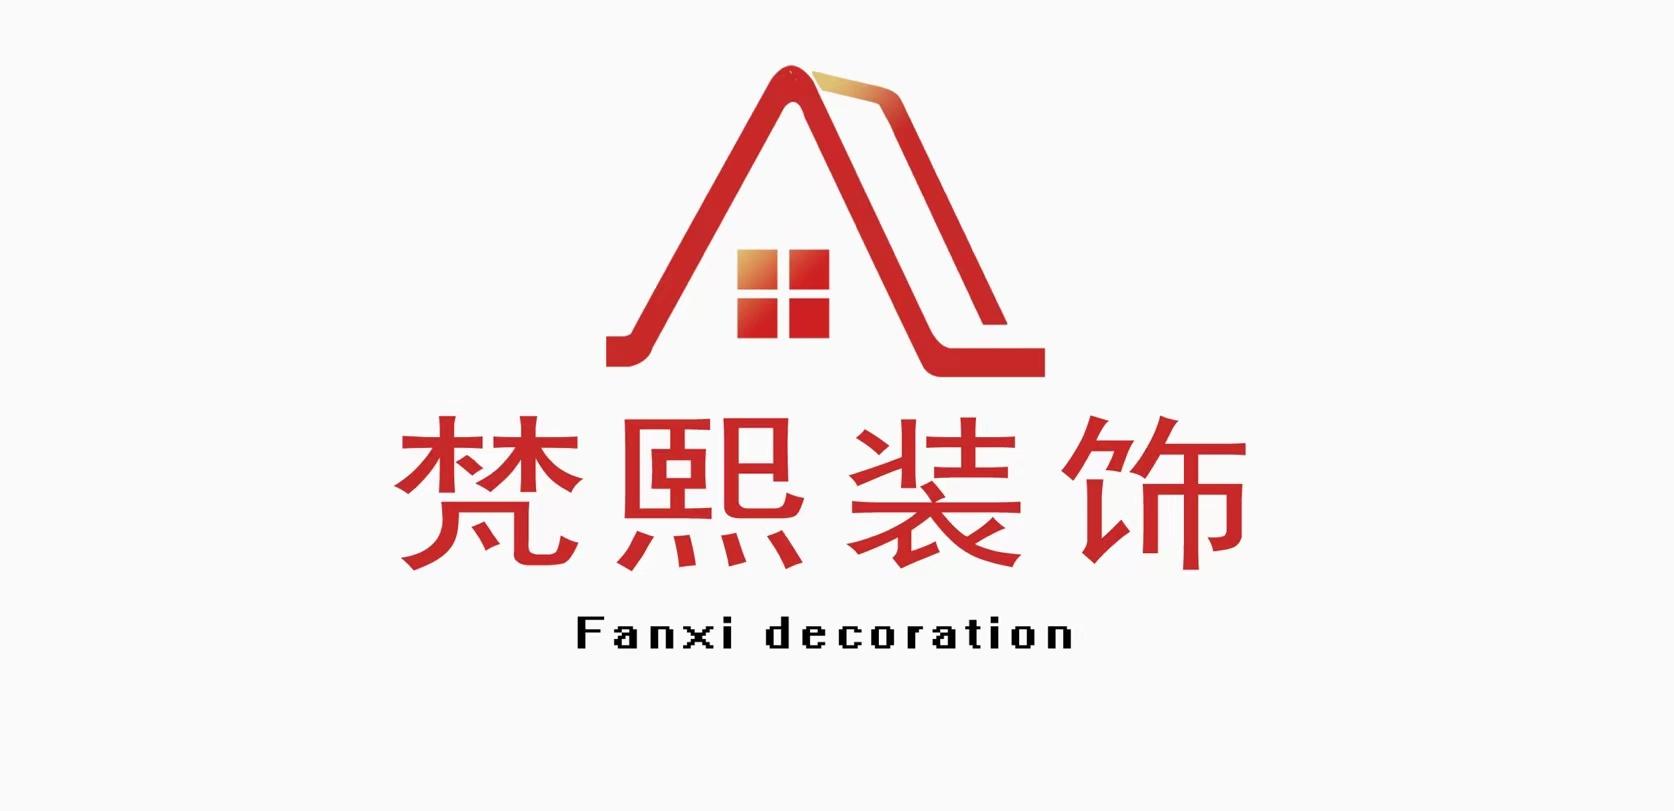 常州梵熙室内设计装饰有限公司